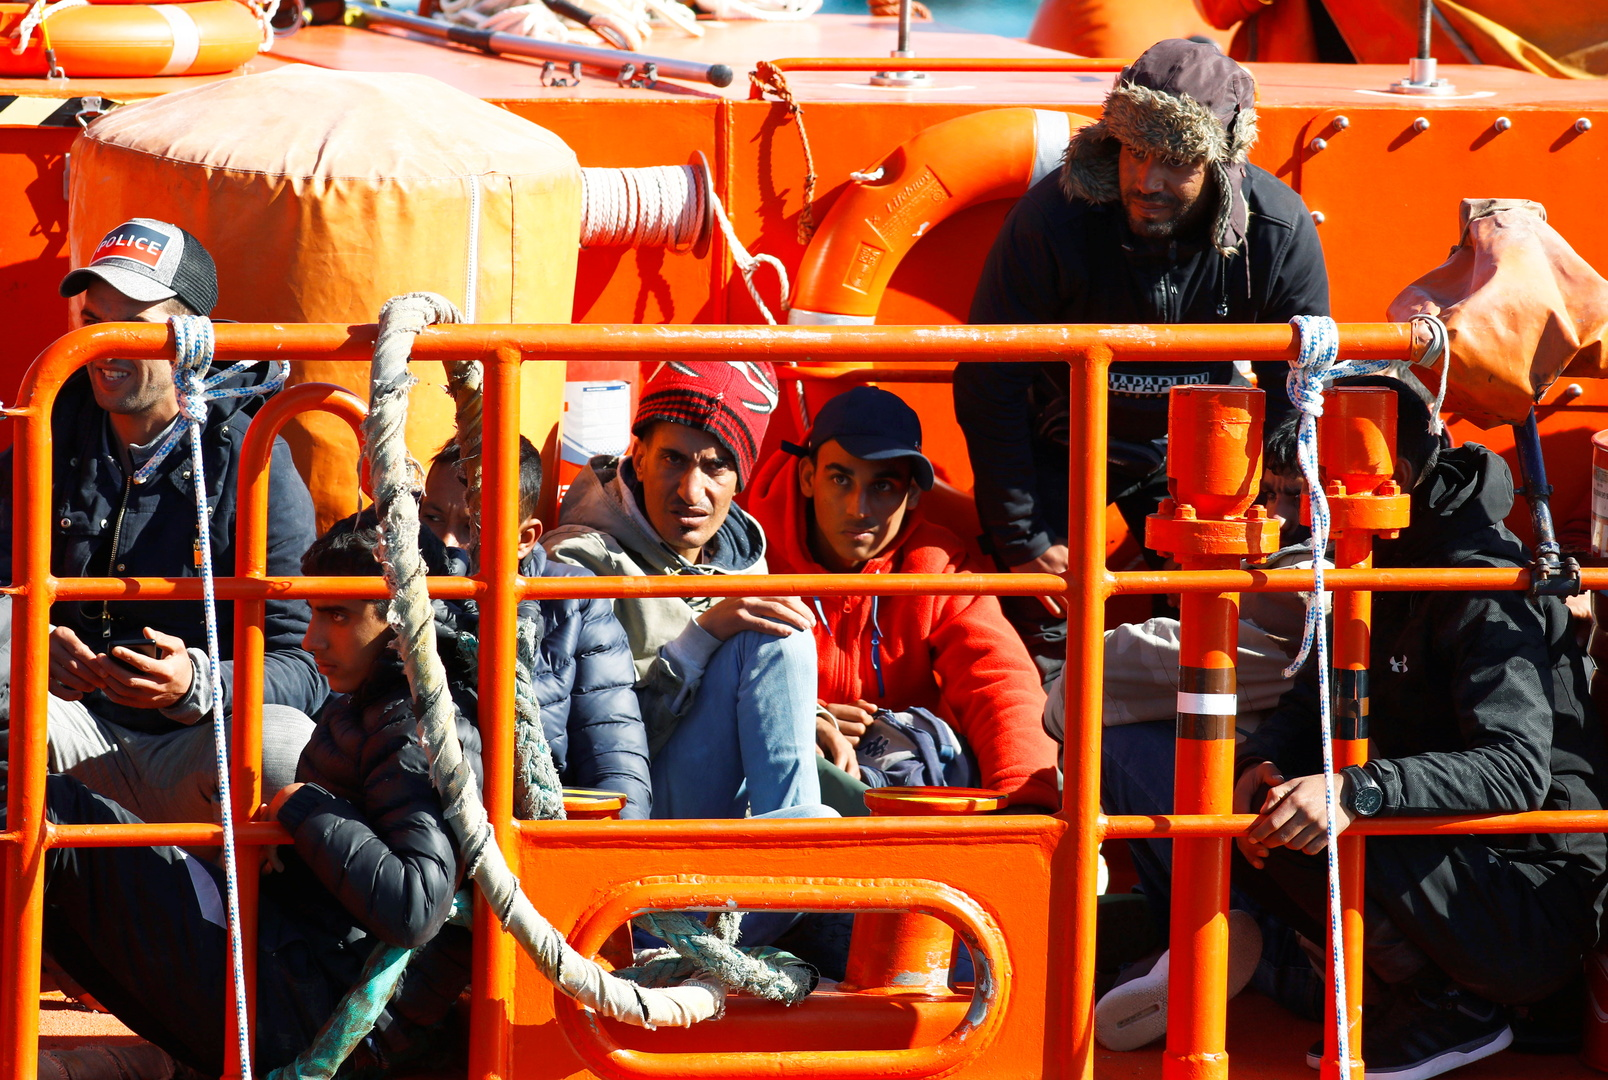 مهاجرون ينتظرون النزول من سفينة تابعة لخفر السواحل الإسبانية في ميناء أرغوينيجين